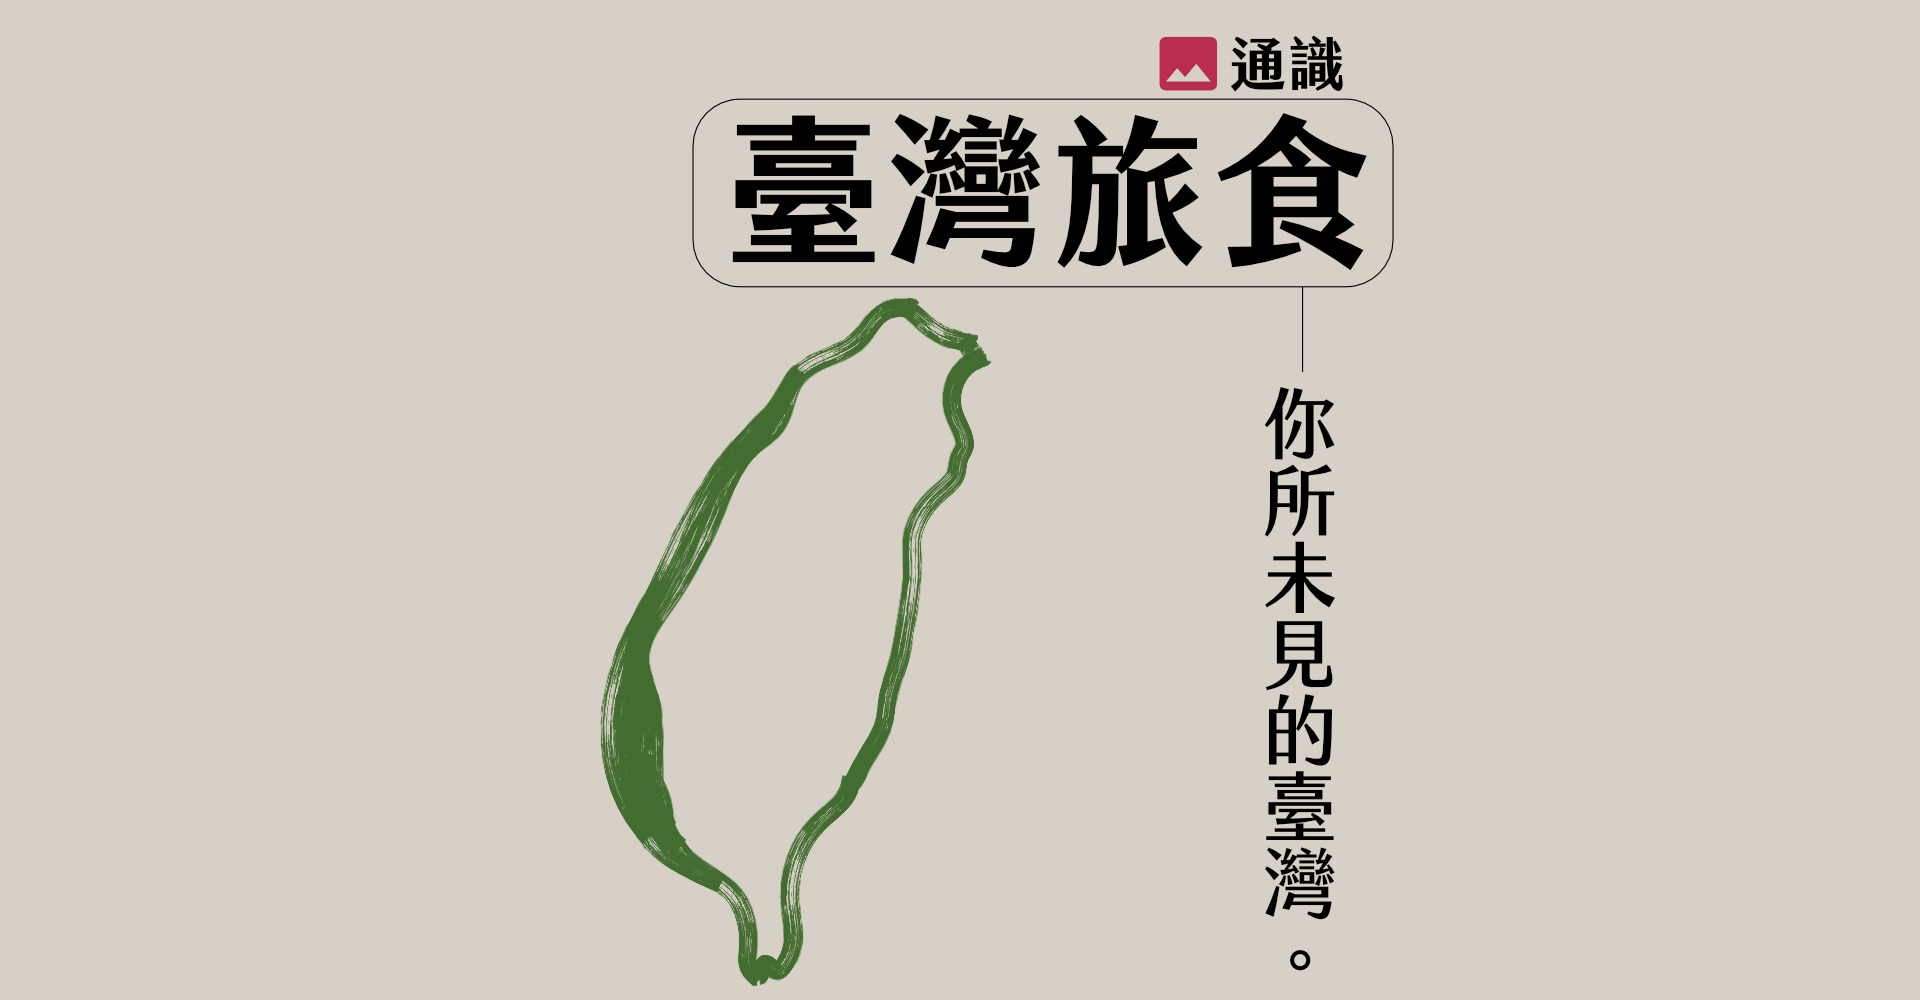 2-3-2臺灣.png